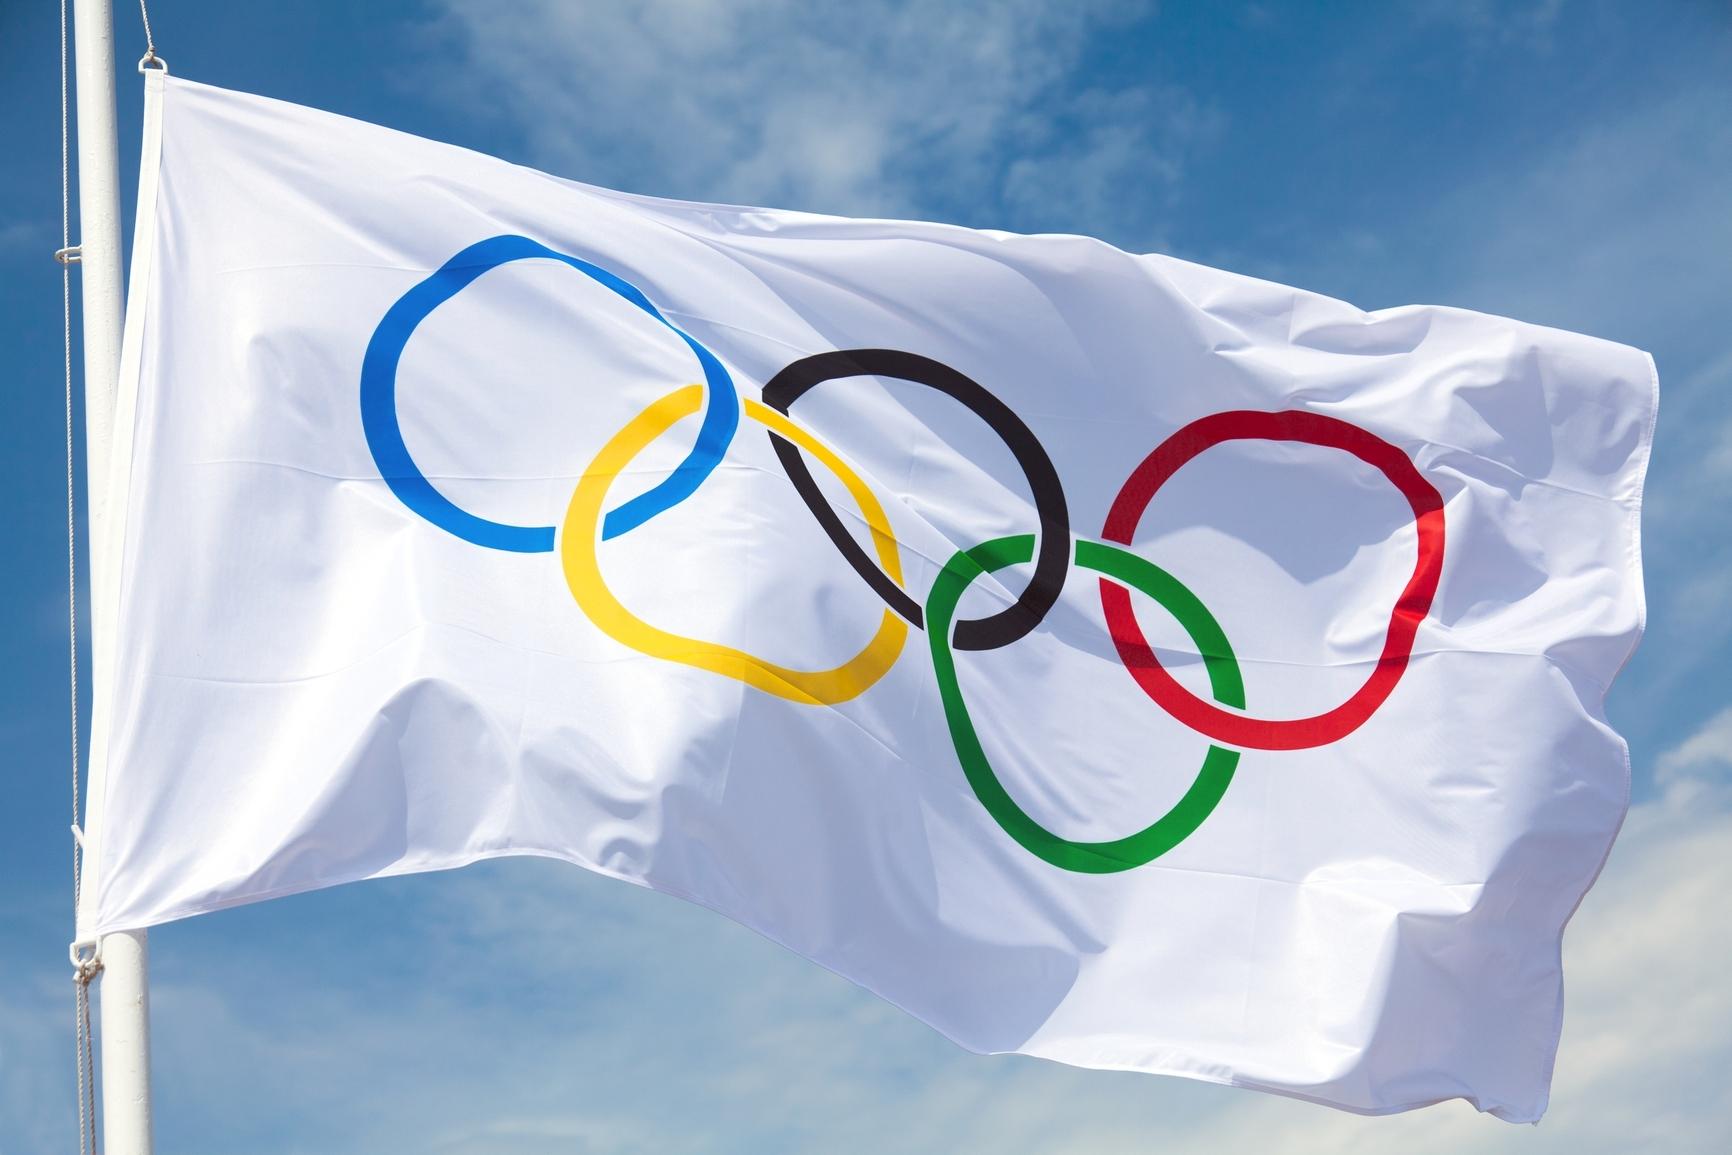 Le drapeau olympique flottera-t-il sur la Normandie en 2024 ?